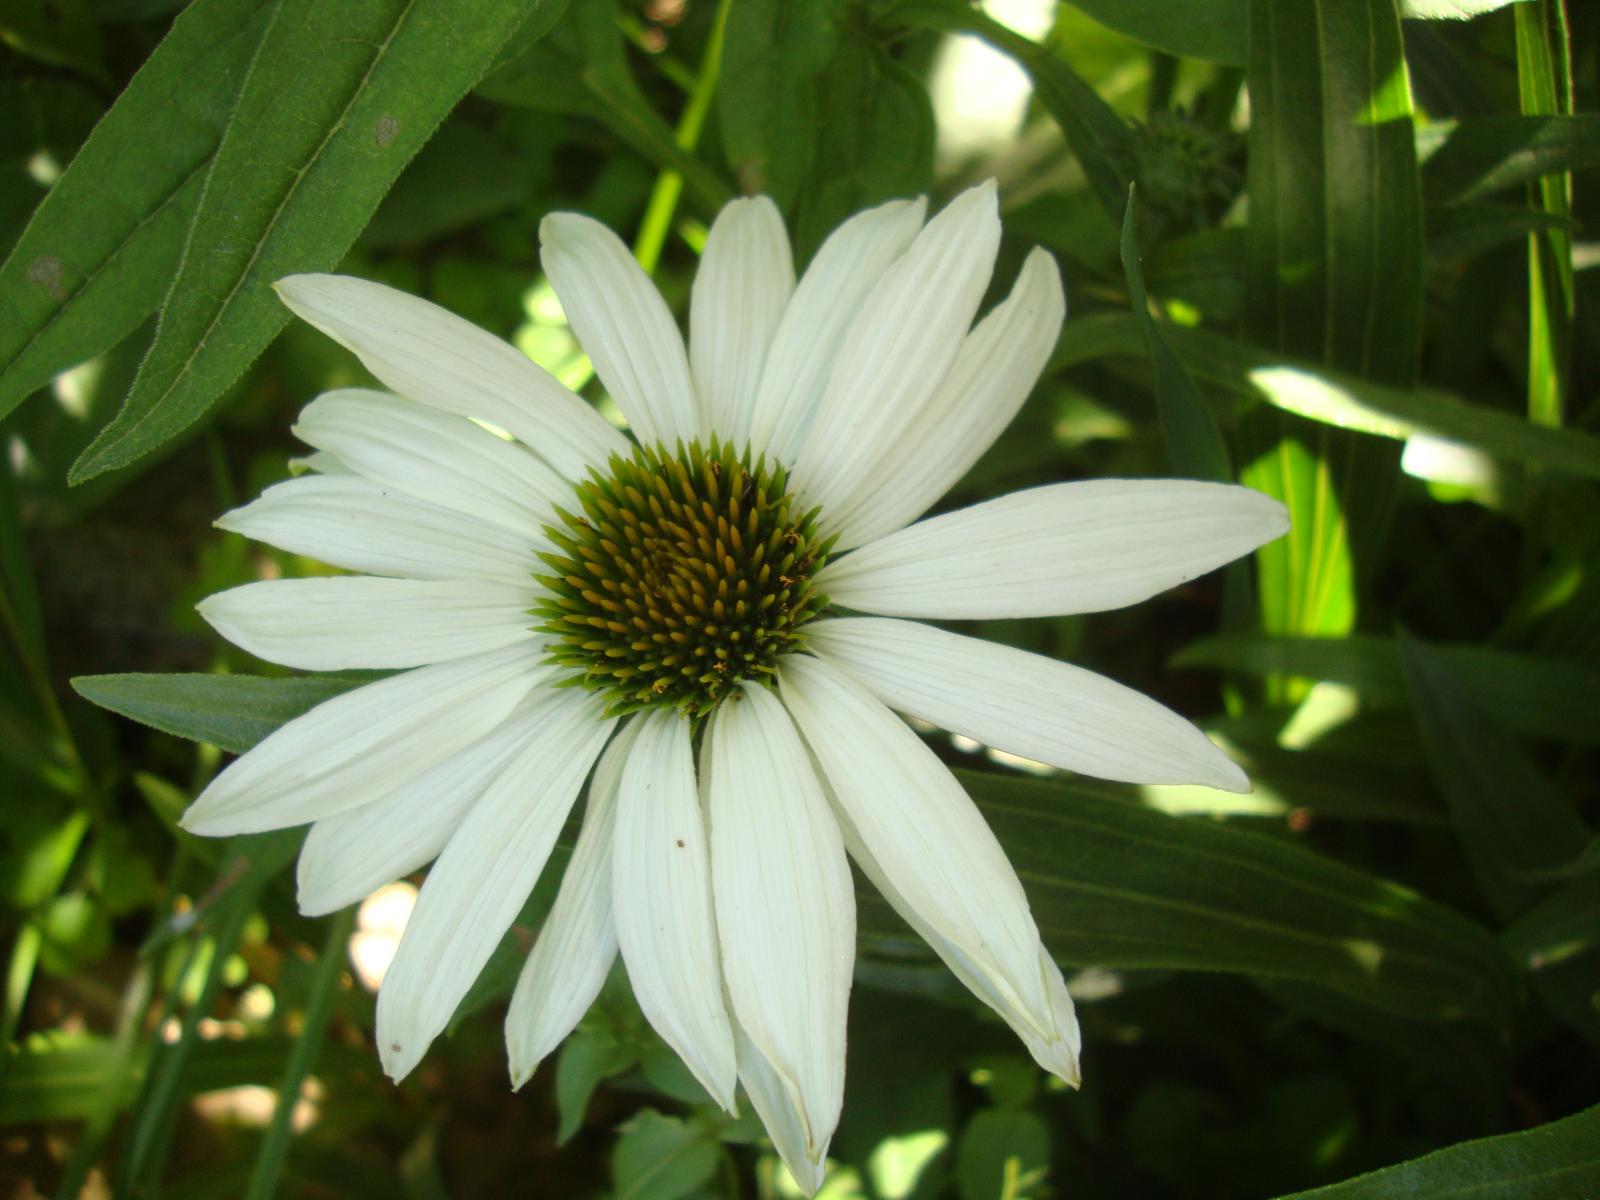 Echinacea biela - Obrázok č. 1